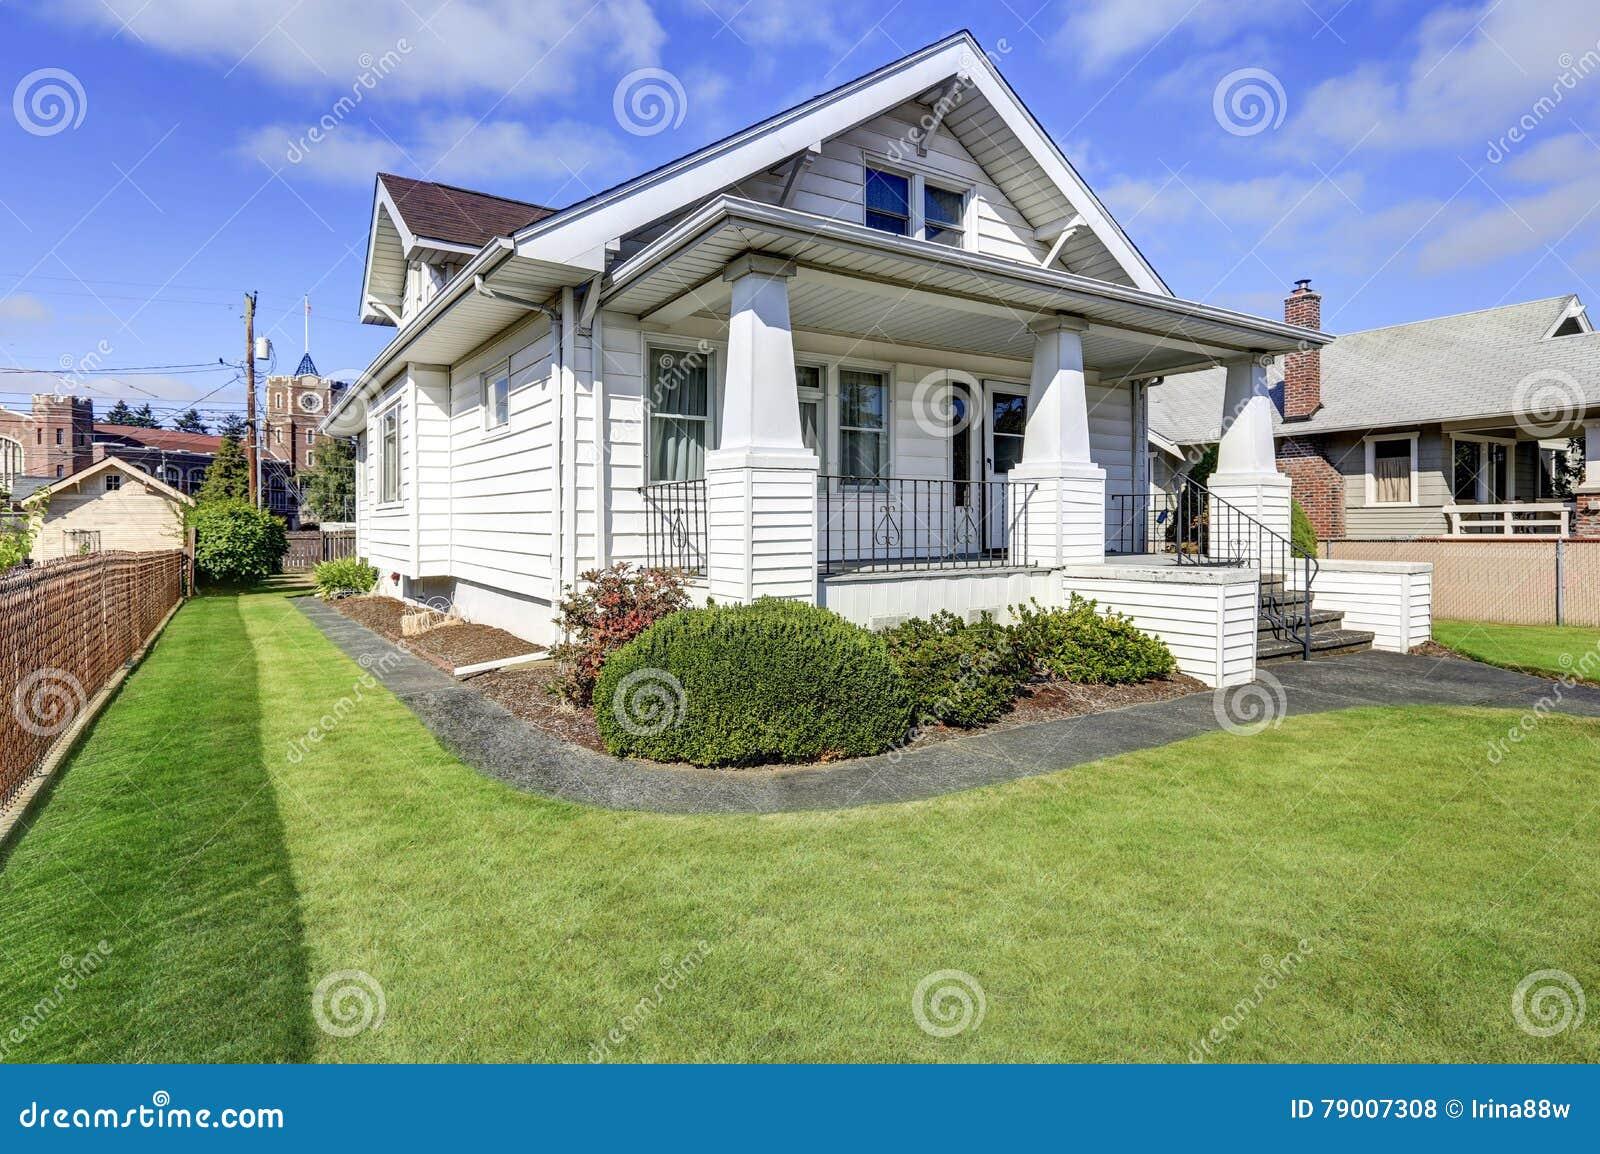 maison americaine best maison americaine luxe plan de maison la cana nne no w with maison. Black Bedroom Furniture Sets. Home Design Ideas